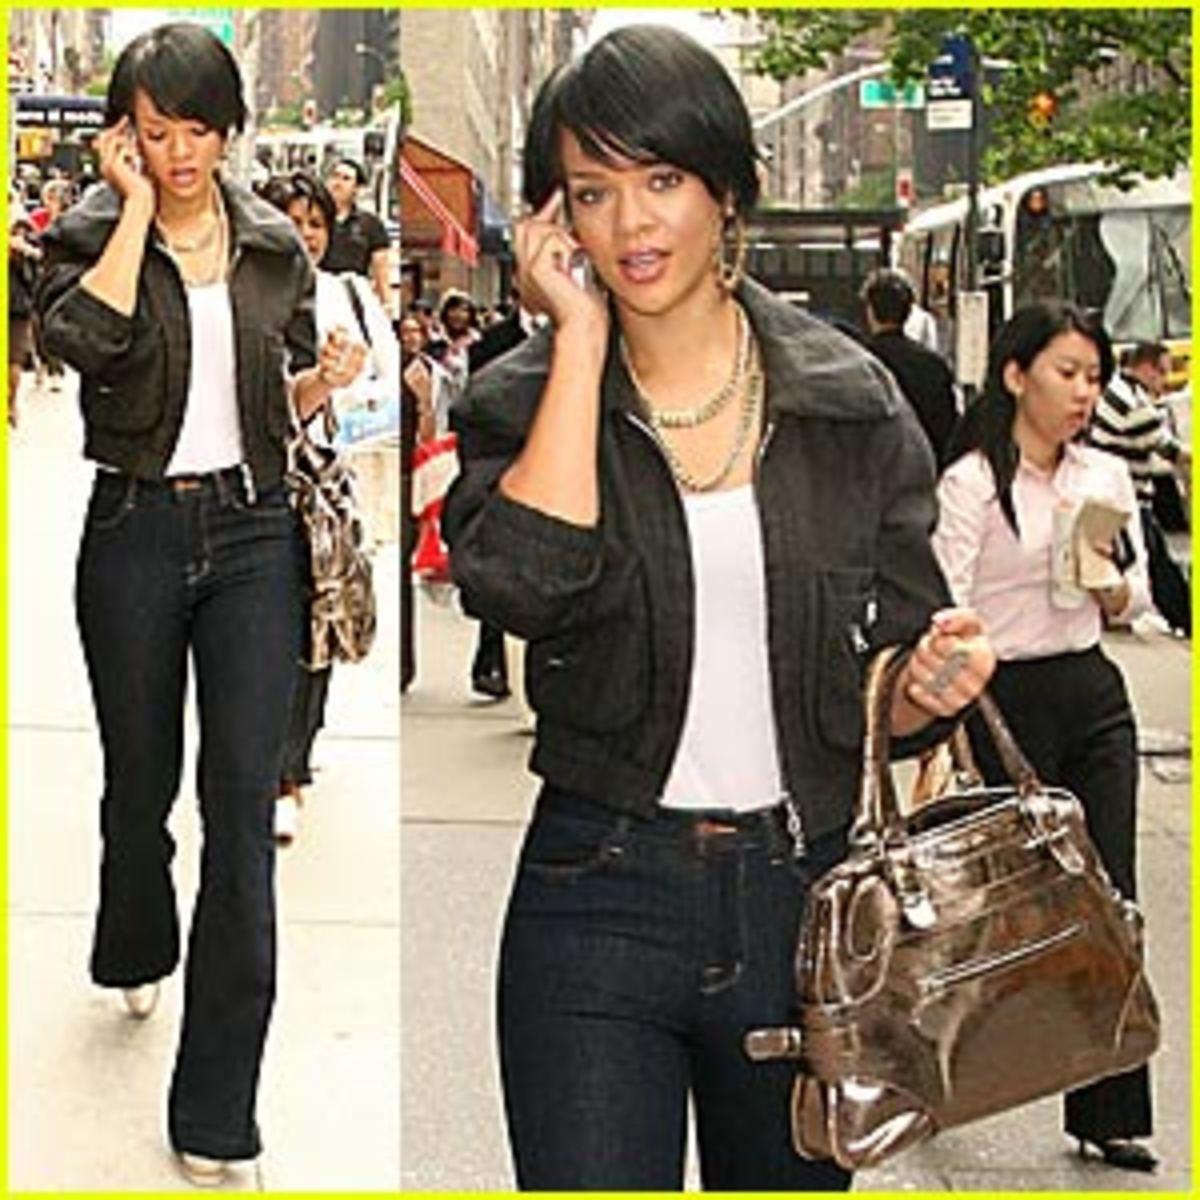 Rihanna looks fashionable on the go